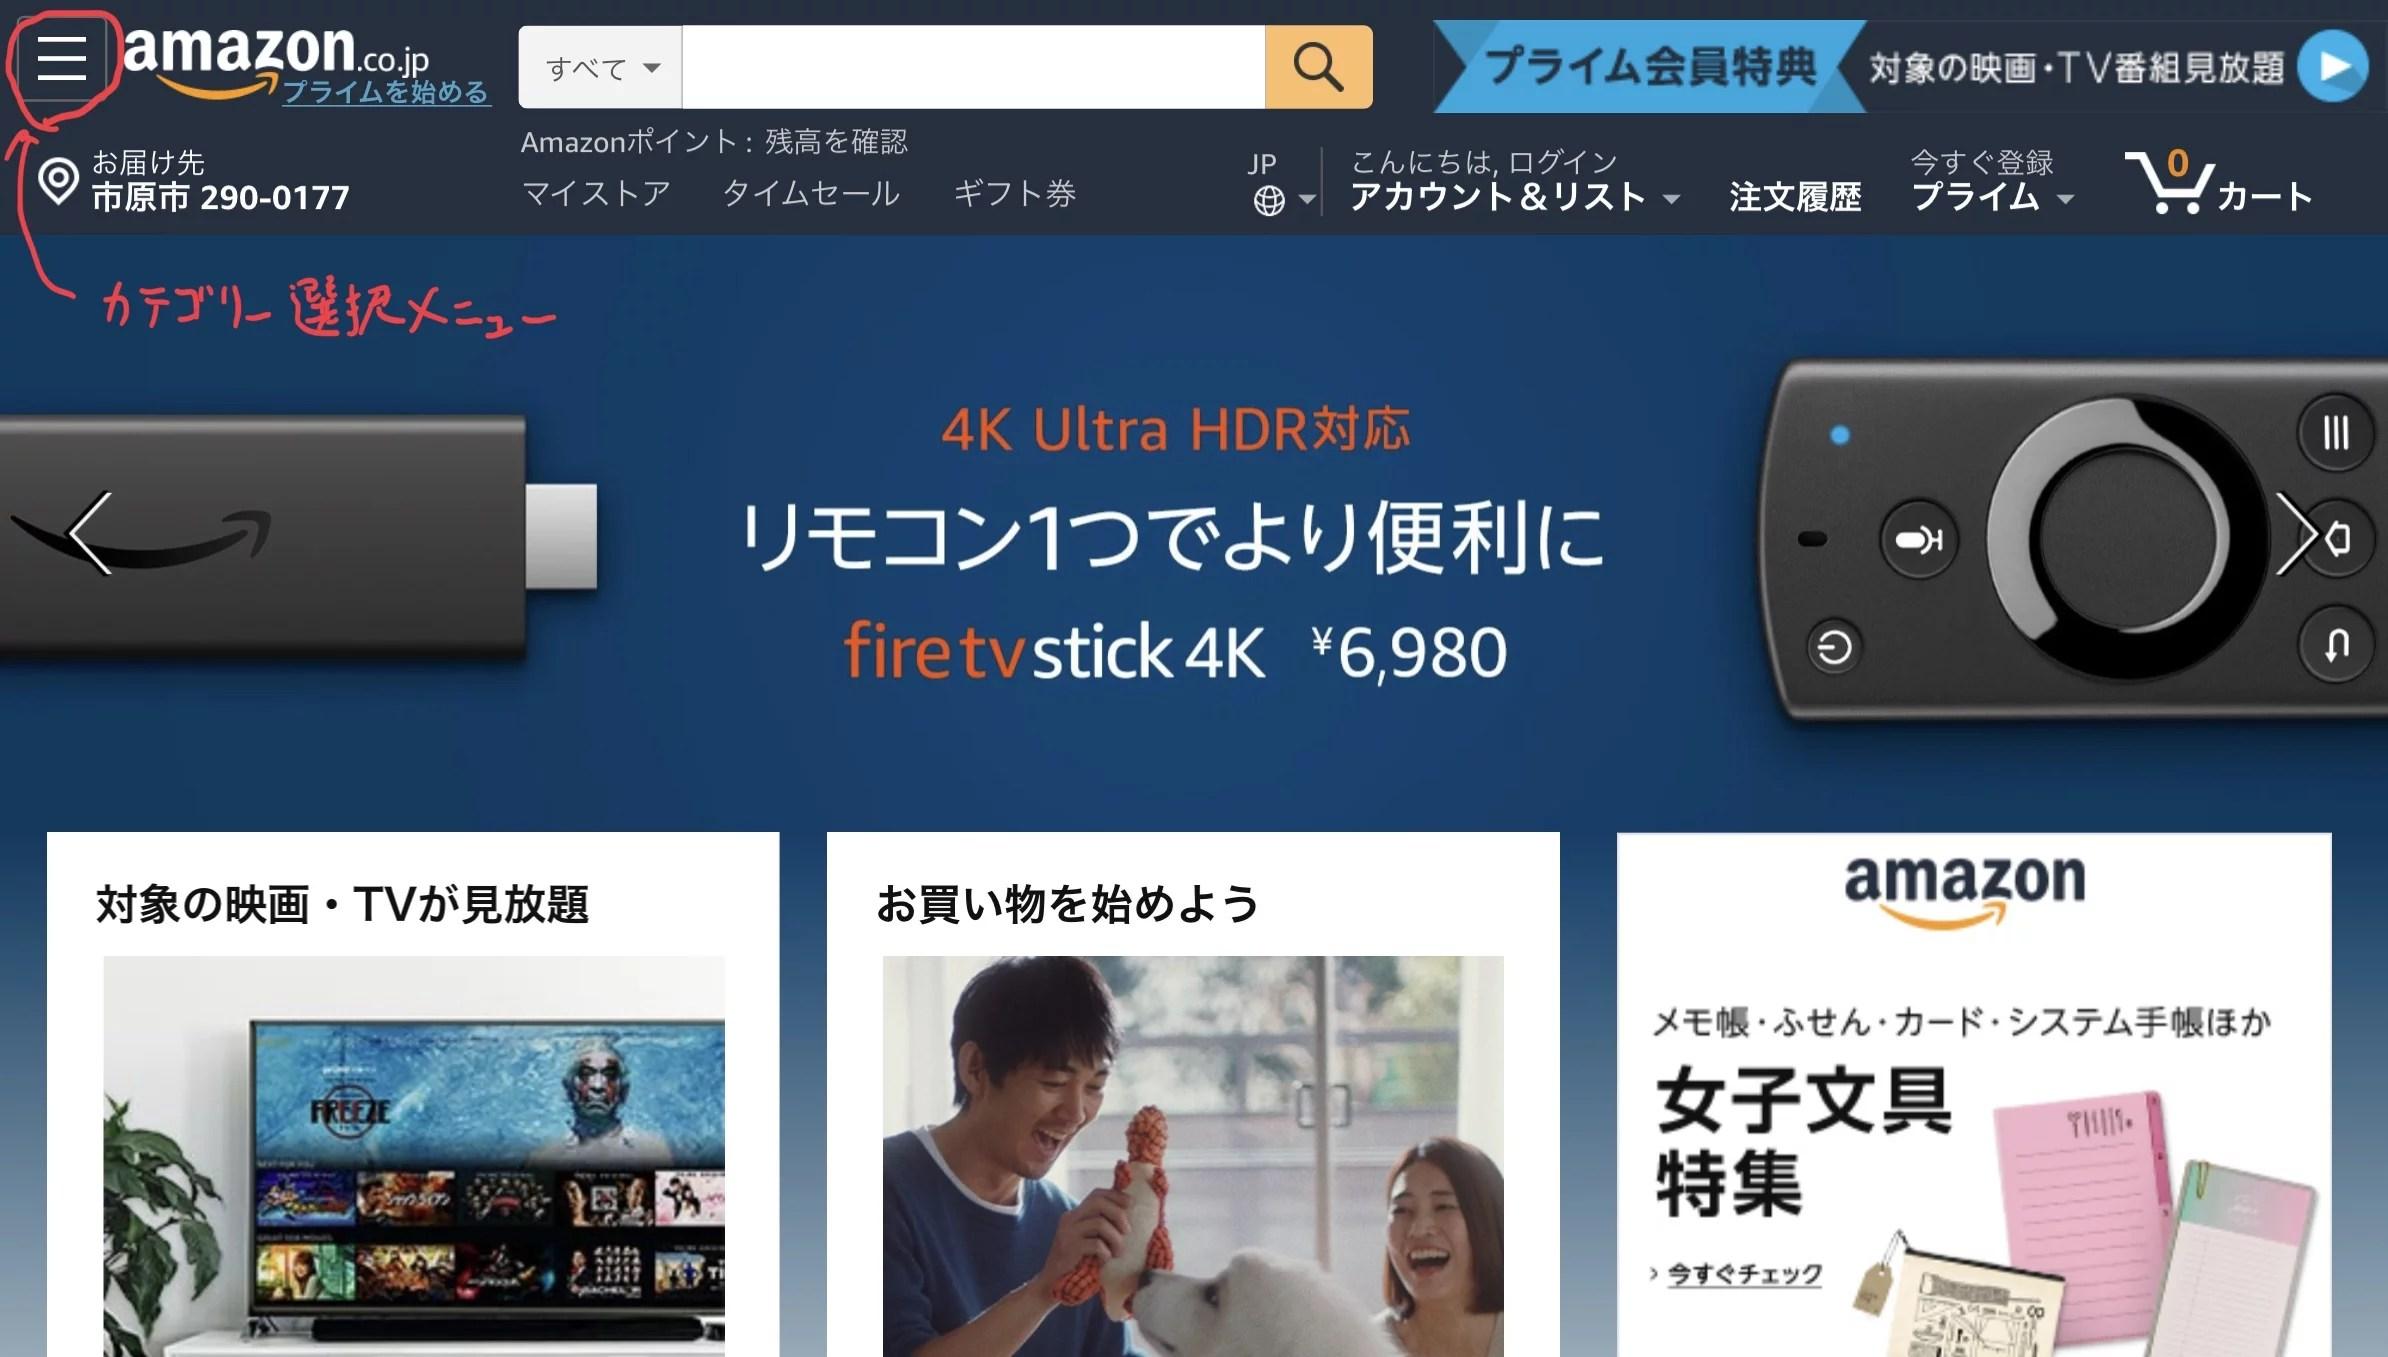 アマゾンのトップページ。カテゴリ選択メニューが左上、ロゴマークの左に移動